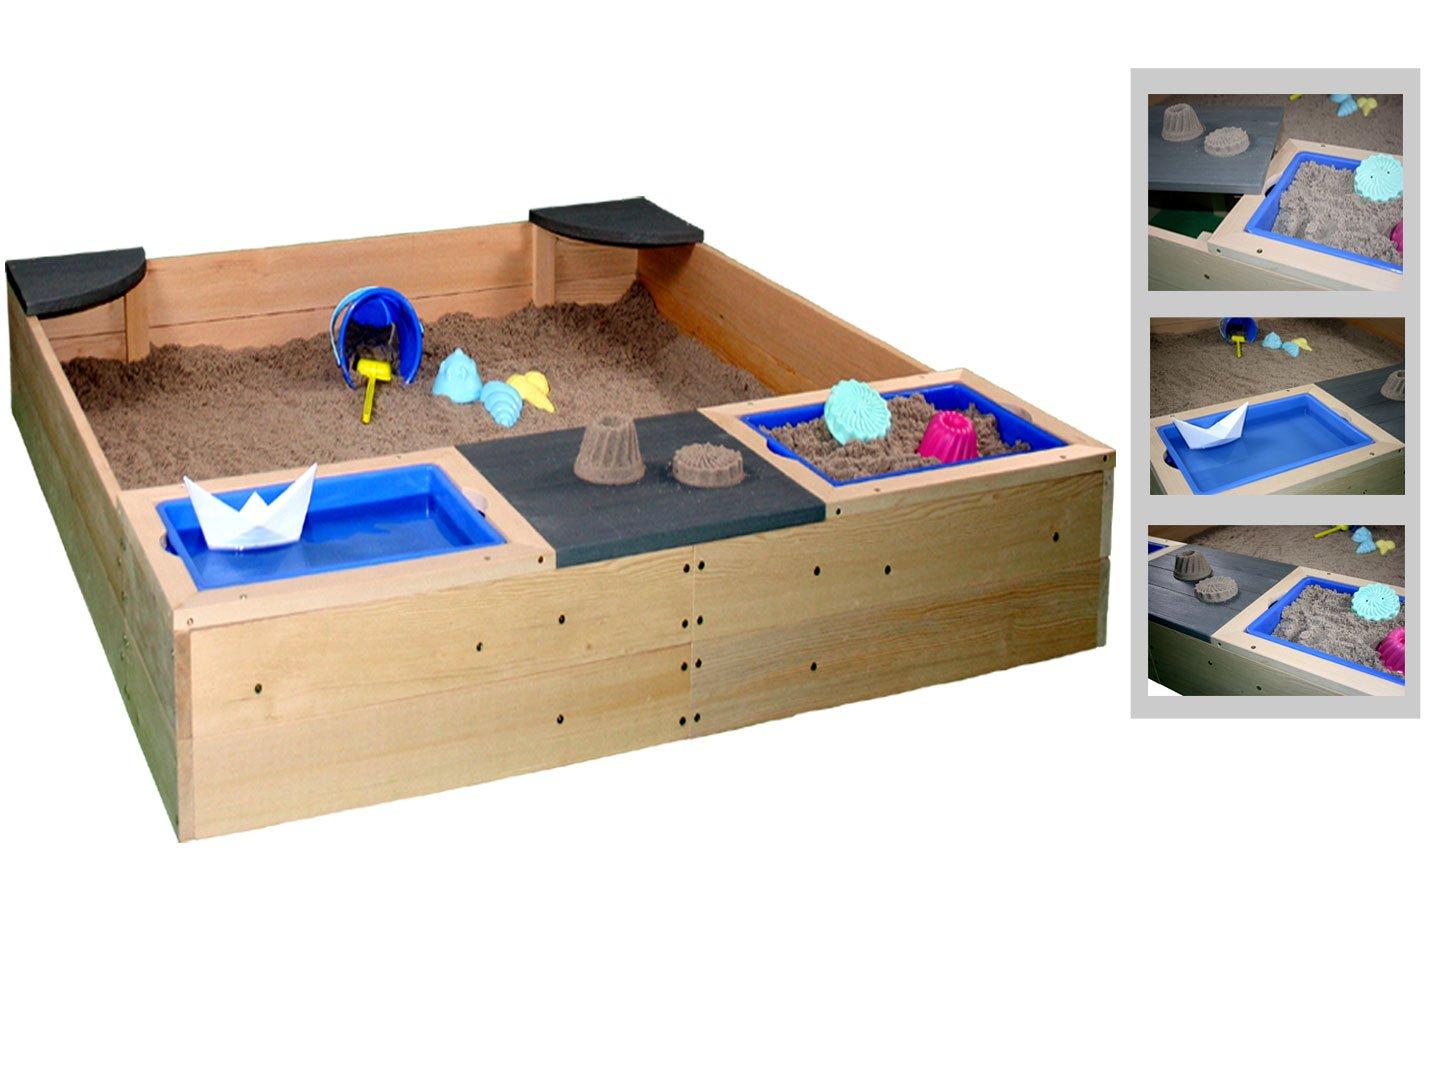 Sun Sandkasten als Sand und Wasser Sandkiste aus Massivholz + Plane u. Bodenvlies by Woodinis®